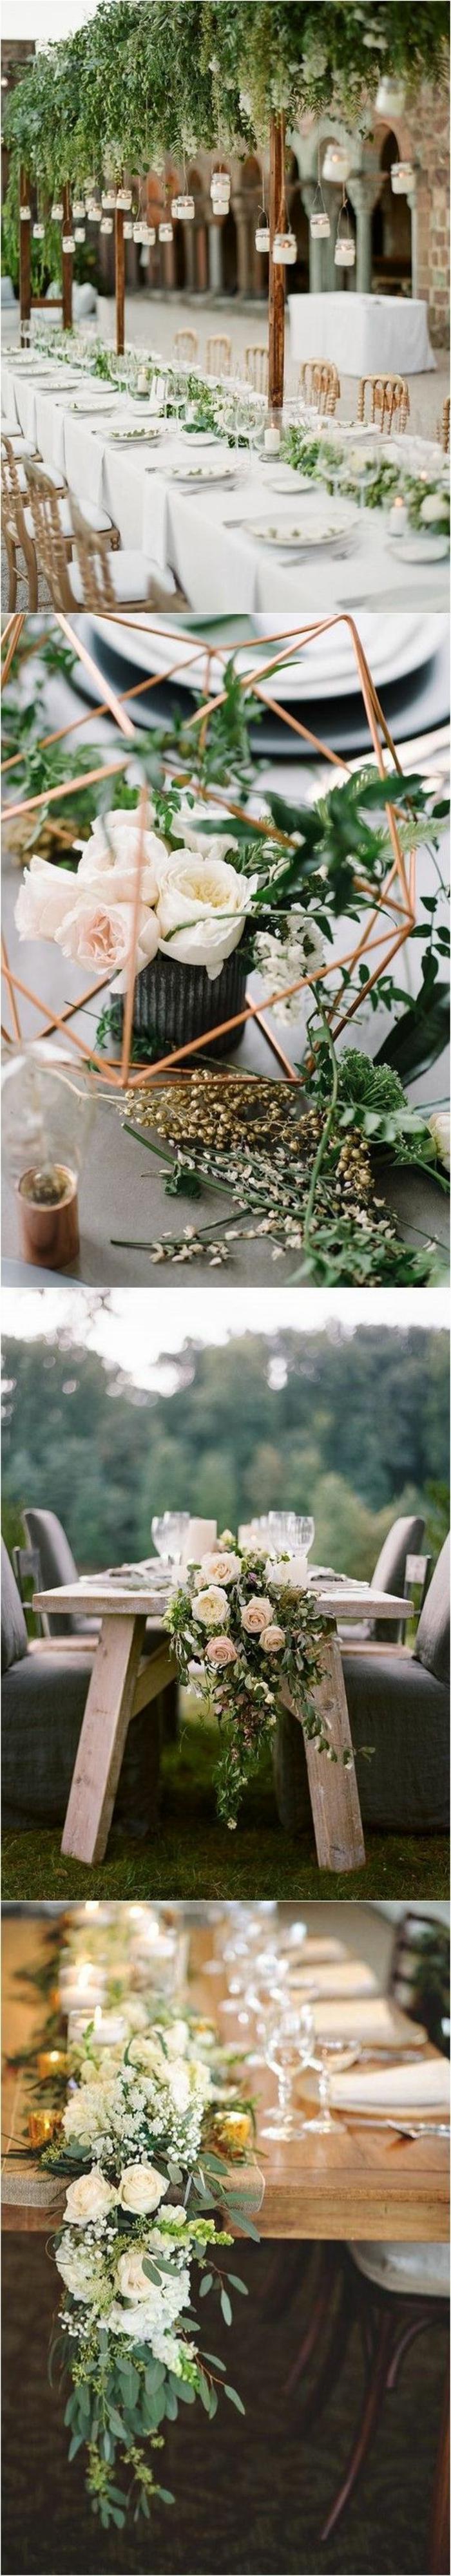 deko sommerfest, langer tisch, grüne zweige, geometrische dekoration aus messing